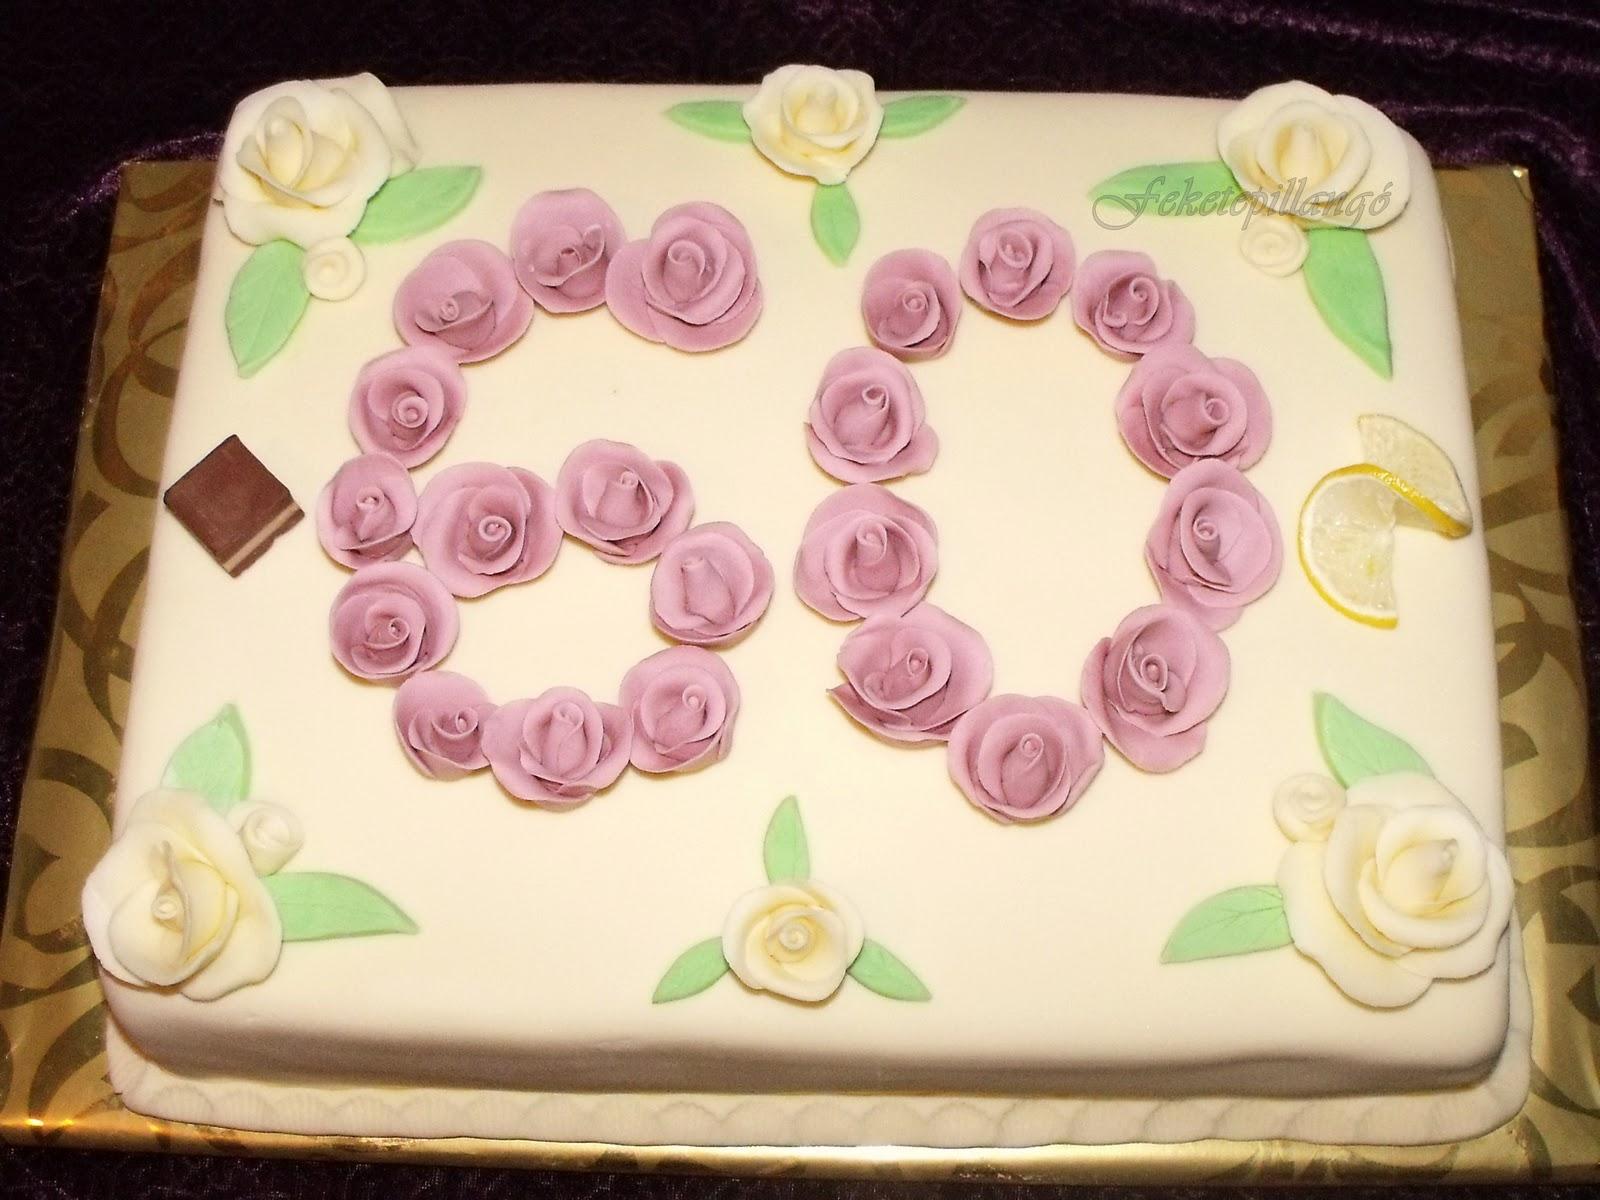 születésnapi torta 60 Édes illatok konyhája: Torta 60. születésnapra születésnapi torta 60